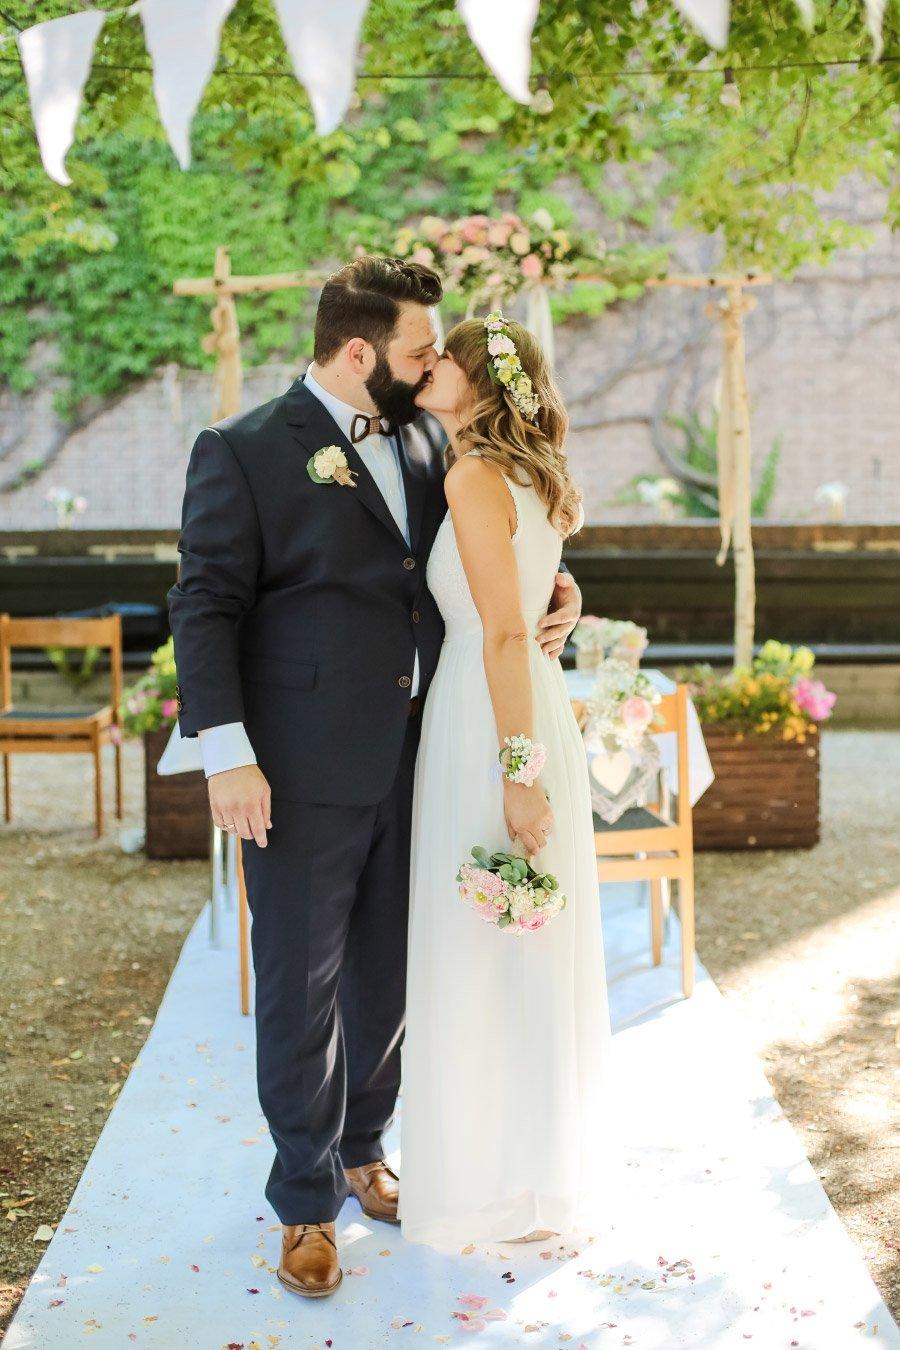 Hof-Hochzeit-von-Nicolina-und-Juergen-mit-freier-Trauung-27